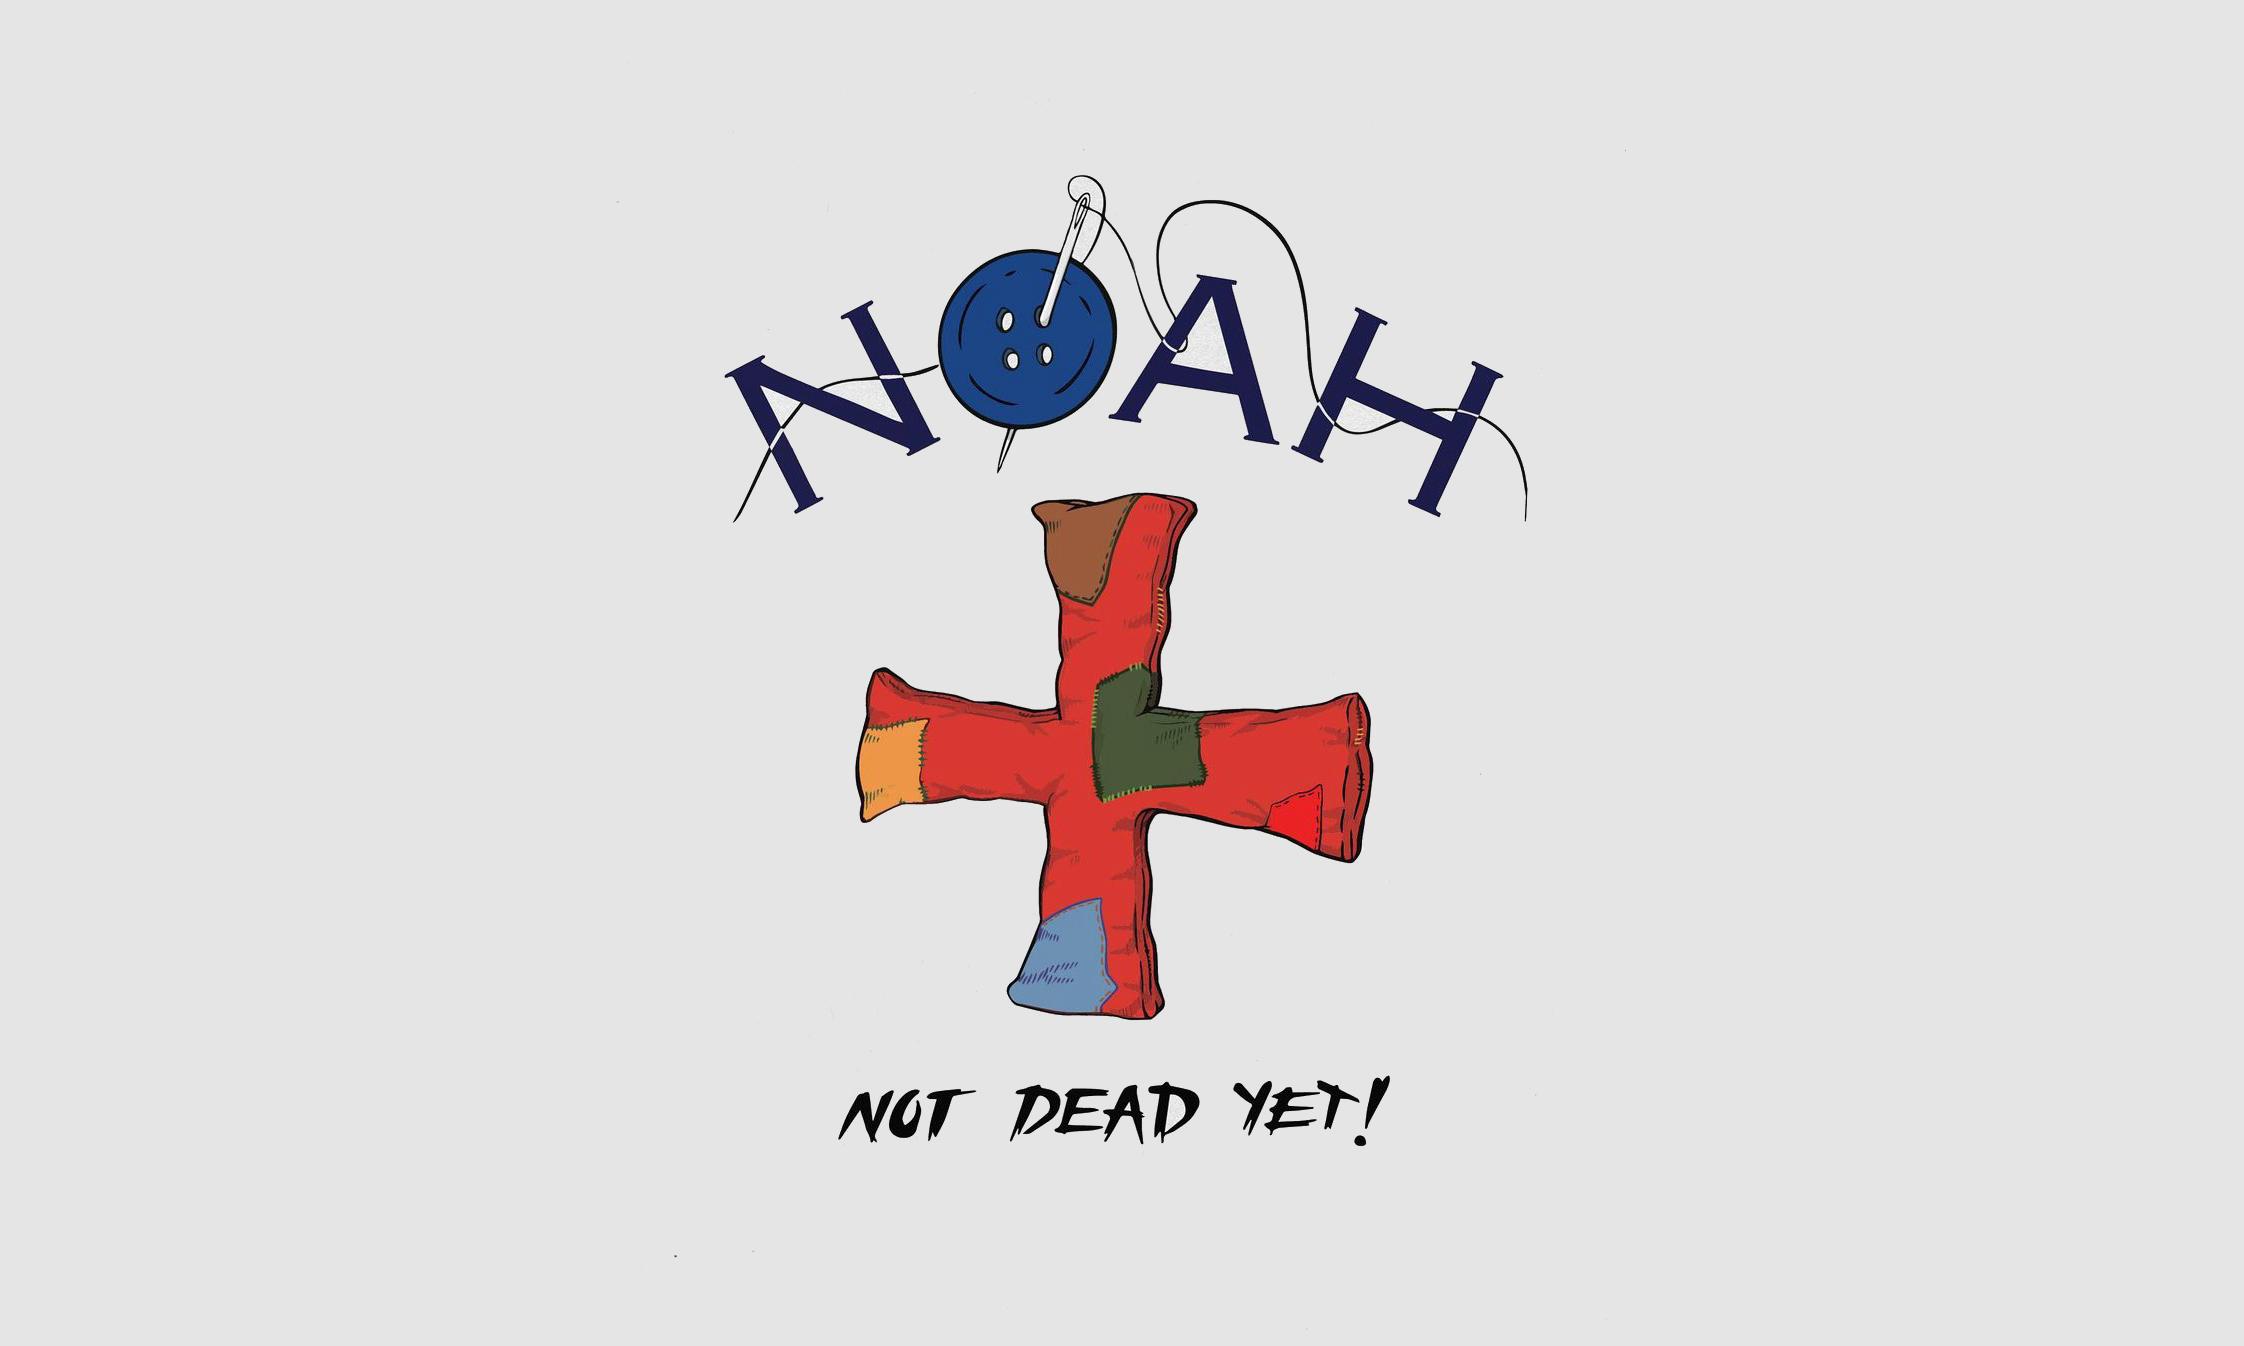 NOAH 推出「Not Dead Yet」旧衣回收计划